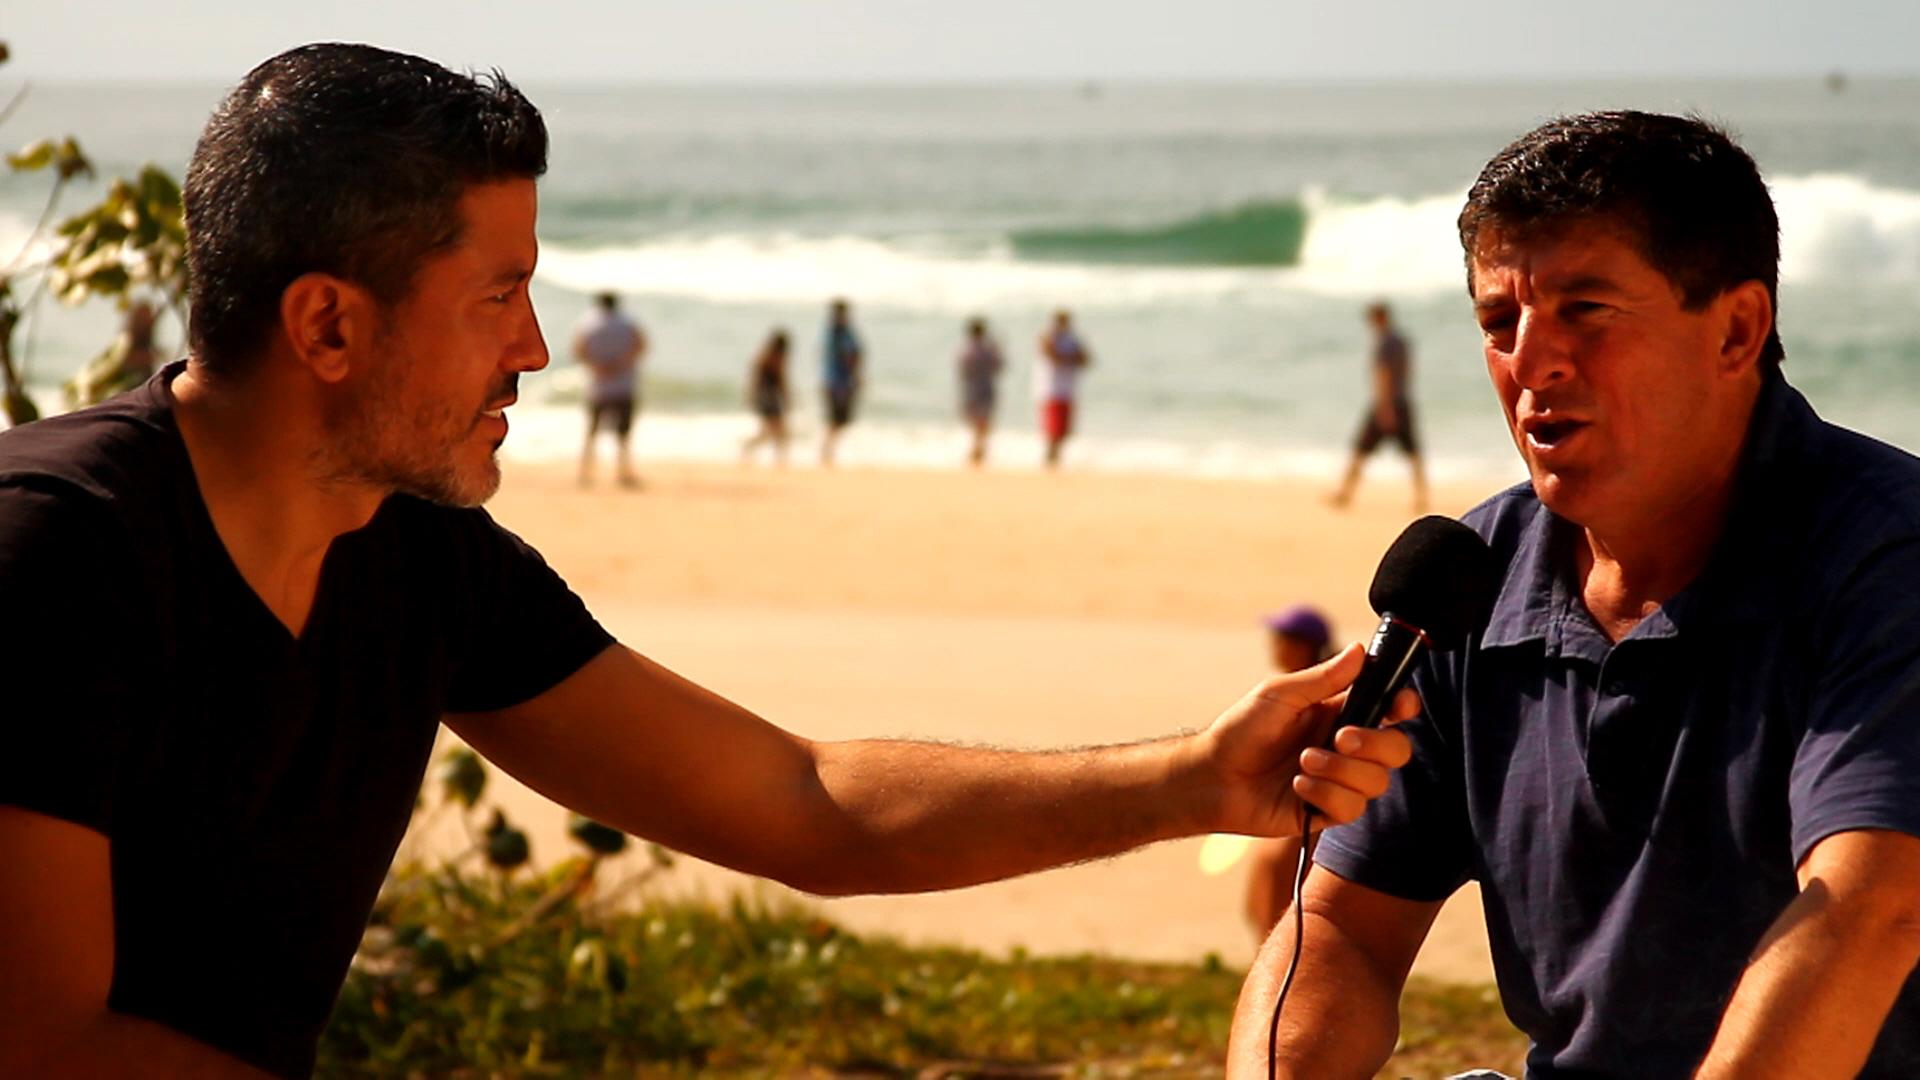 O DuCampeche entrevistou uma das Lideranças do Campeche o Sr. Ataide Silva